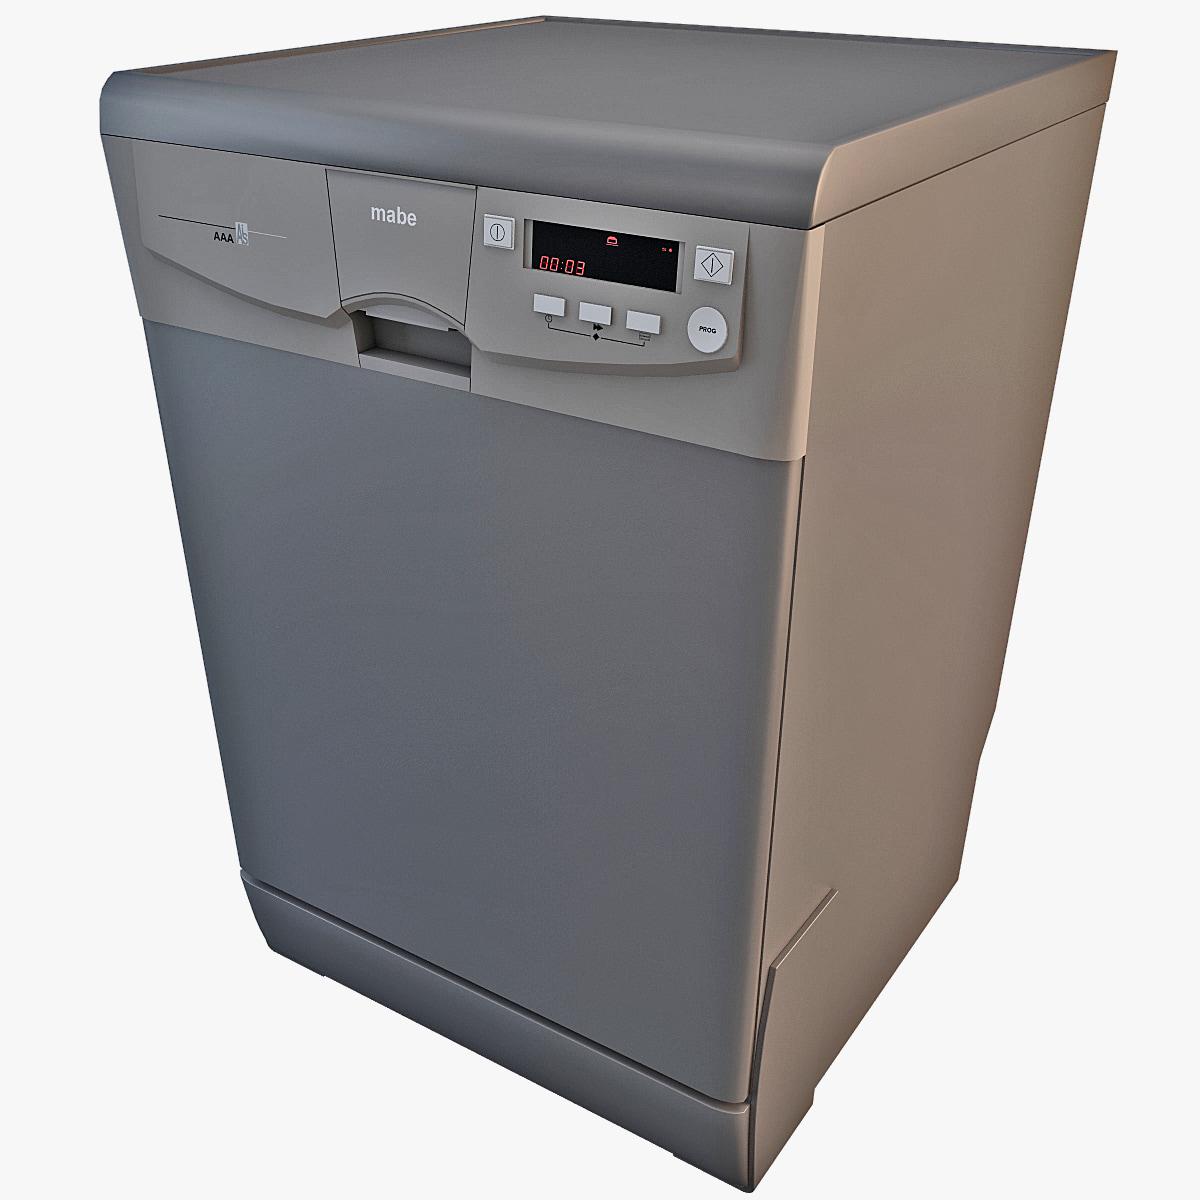 Dishwasher_Mabe_000.jpg